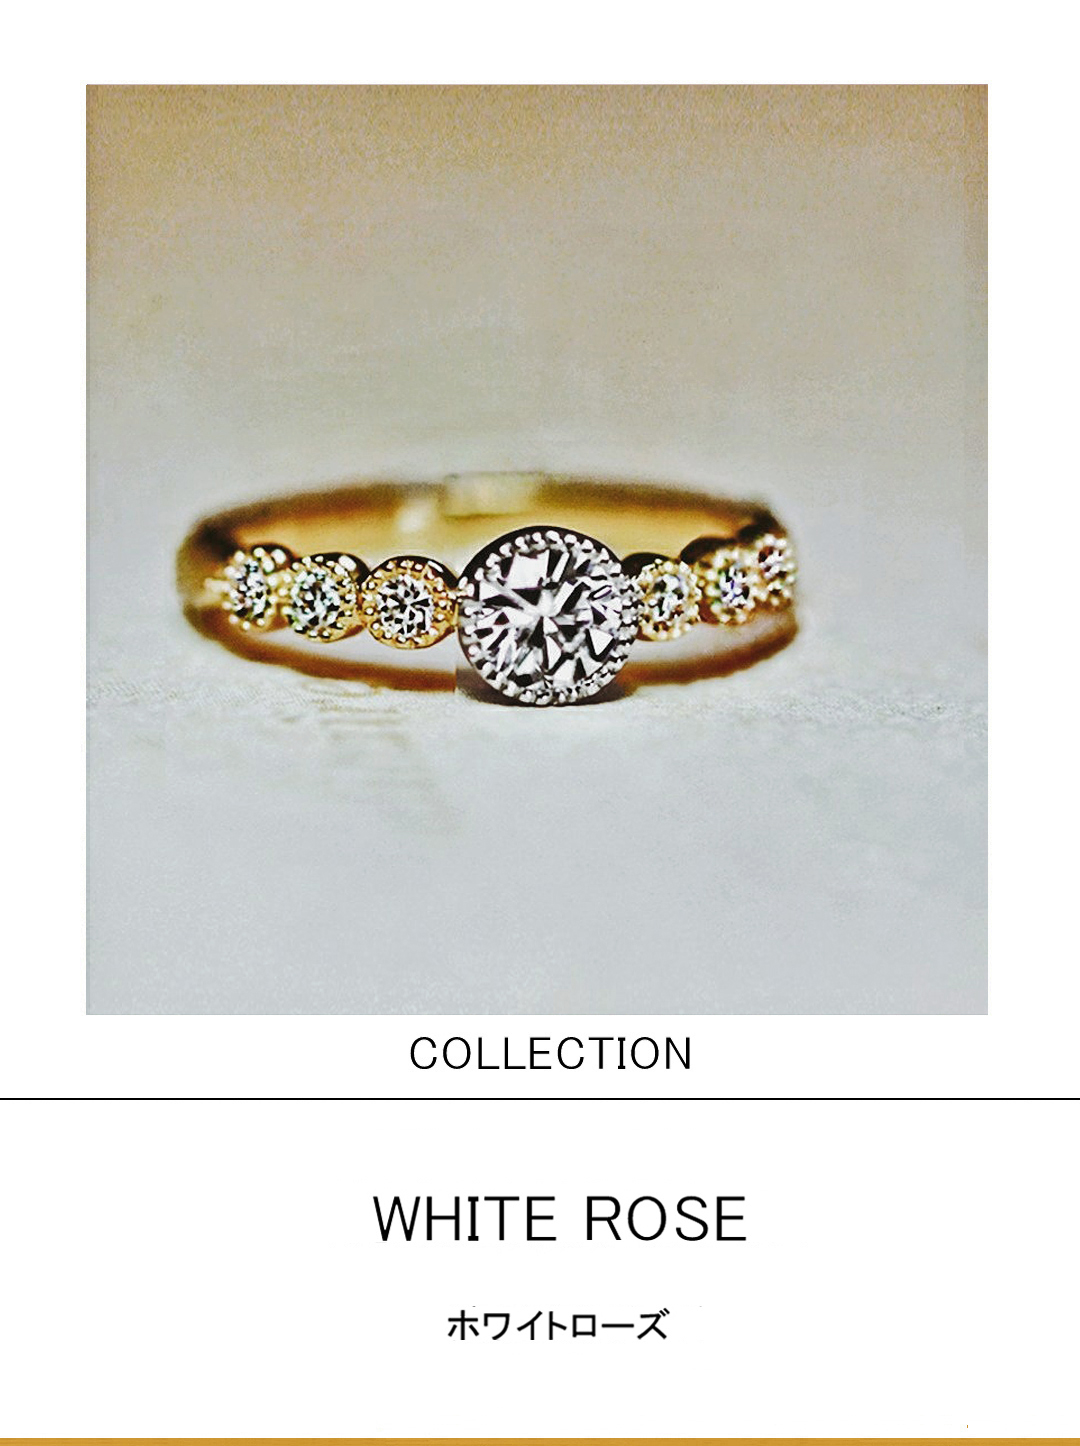 白いバラと黄色のバラが7つ咲いたプラチナとゴールドの婚約指輪のサムネイル